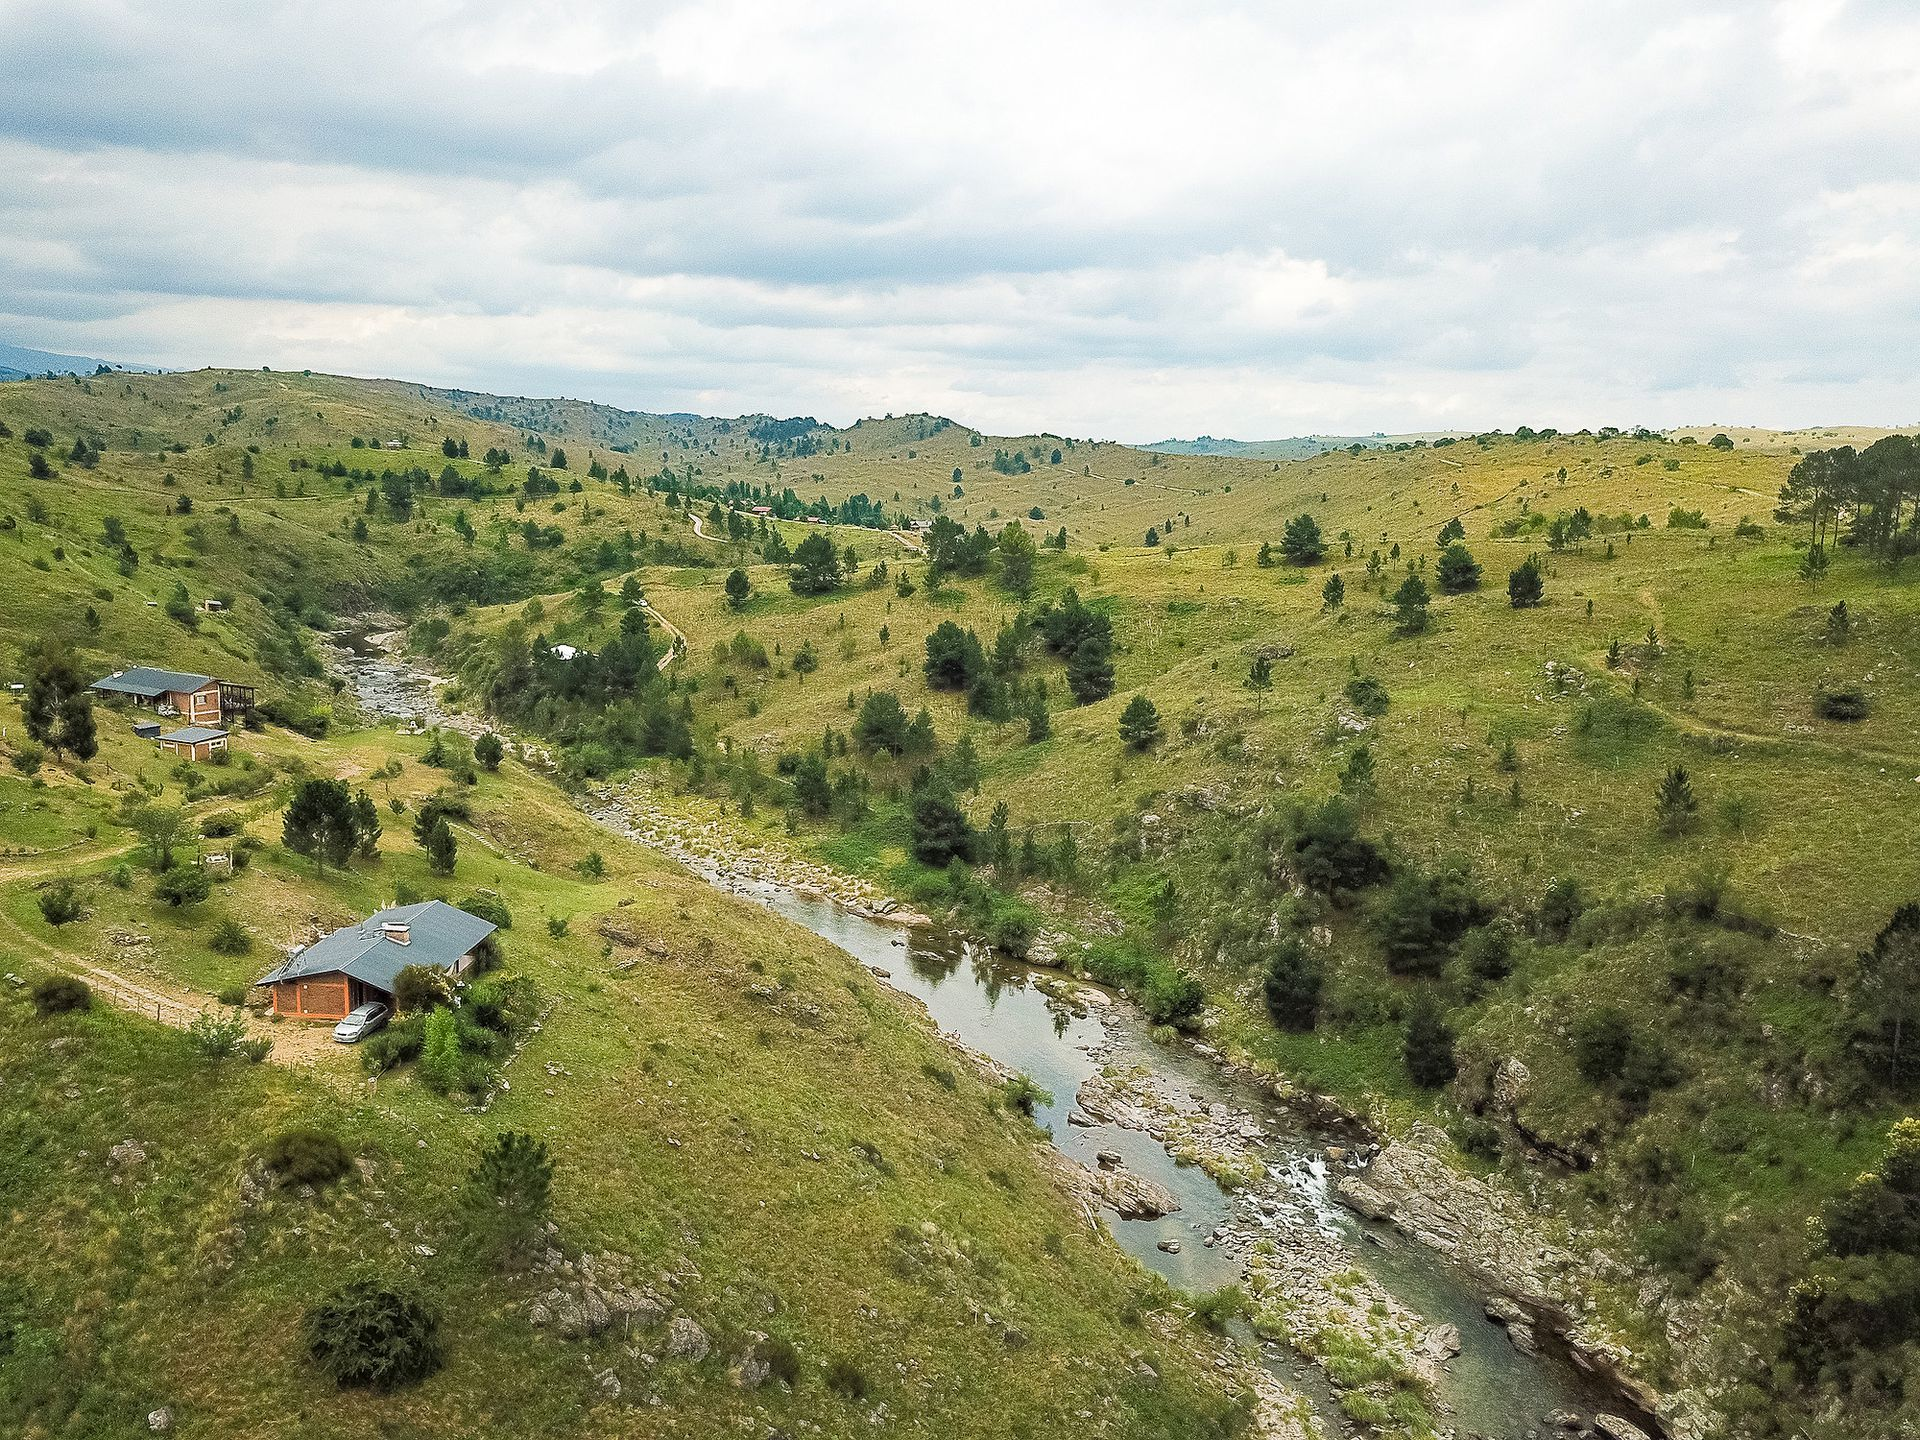 Vista aérea de las casas y vallecitos del pueblo